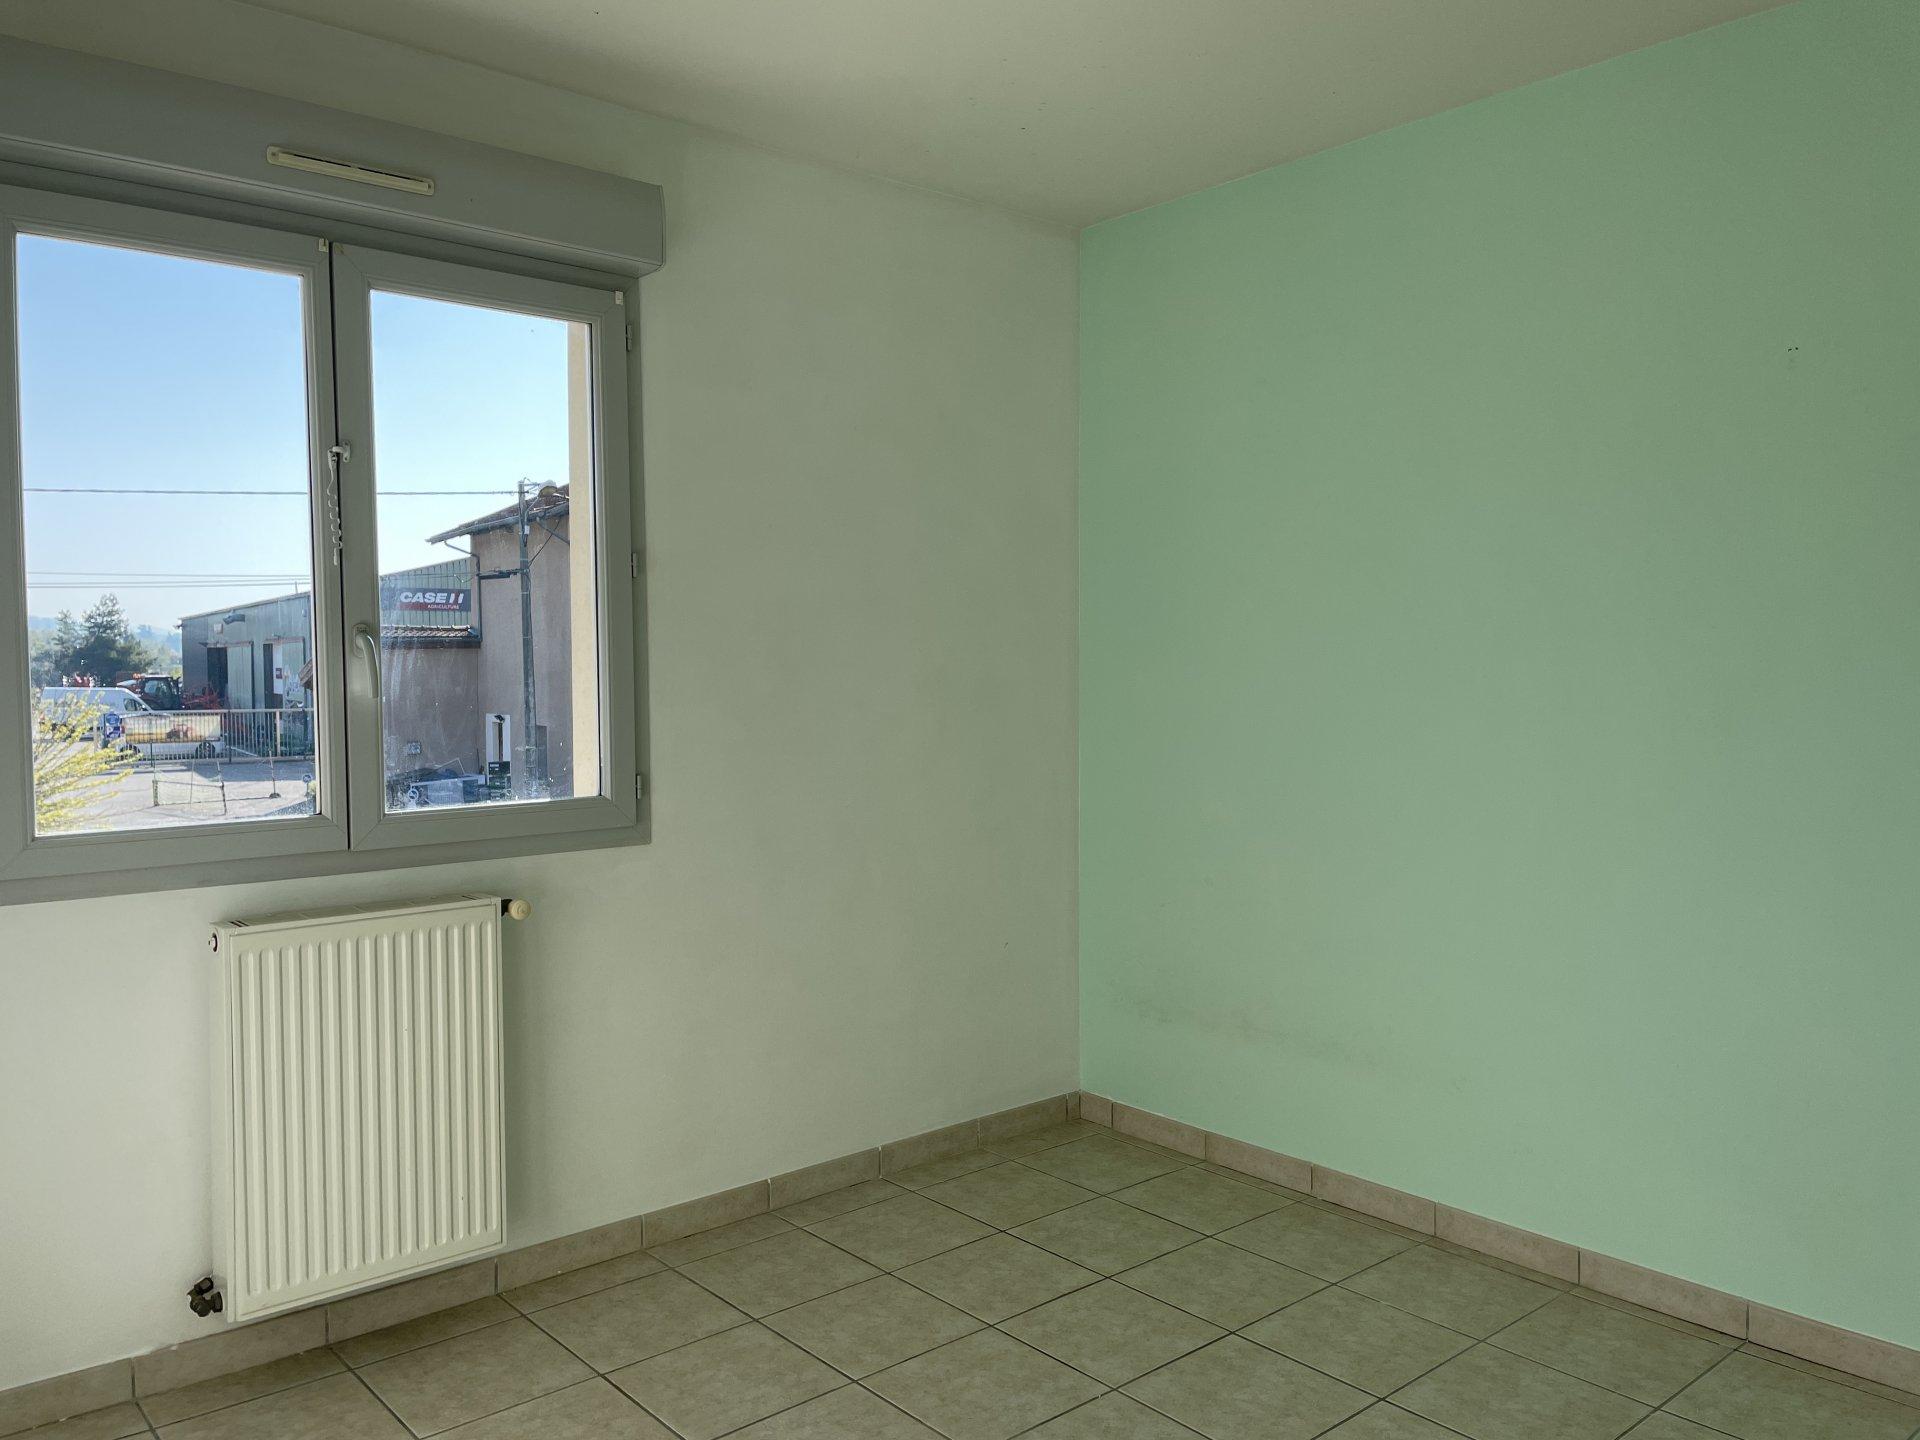 49 Maréchal Joffre  - Maison 5 pièces